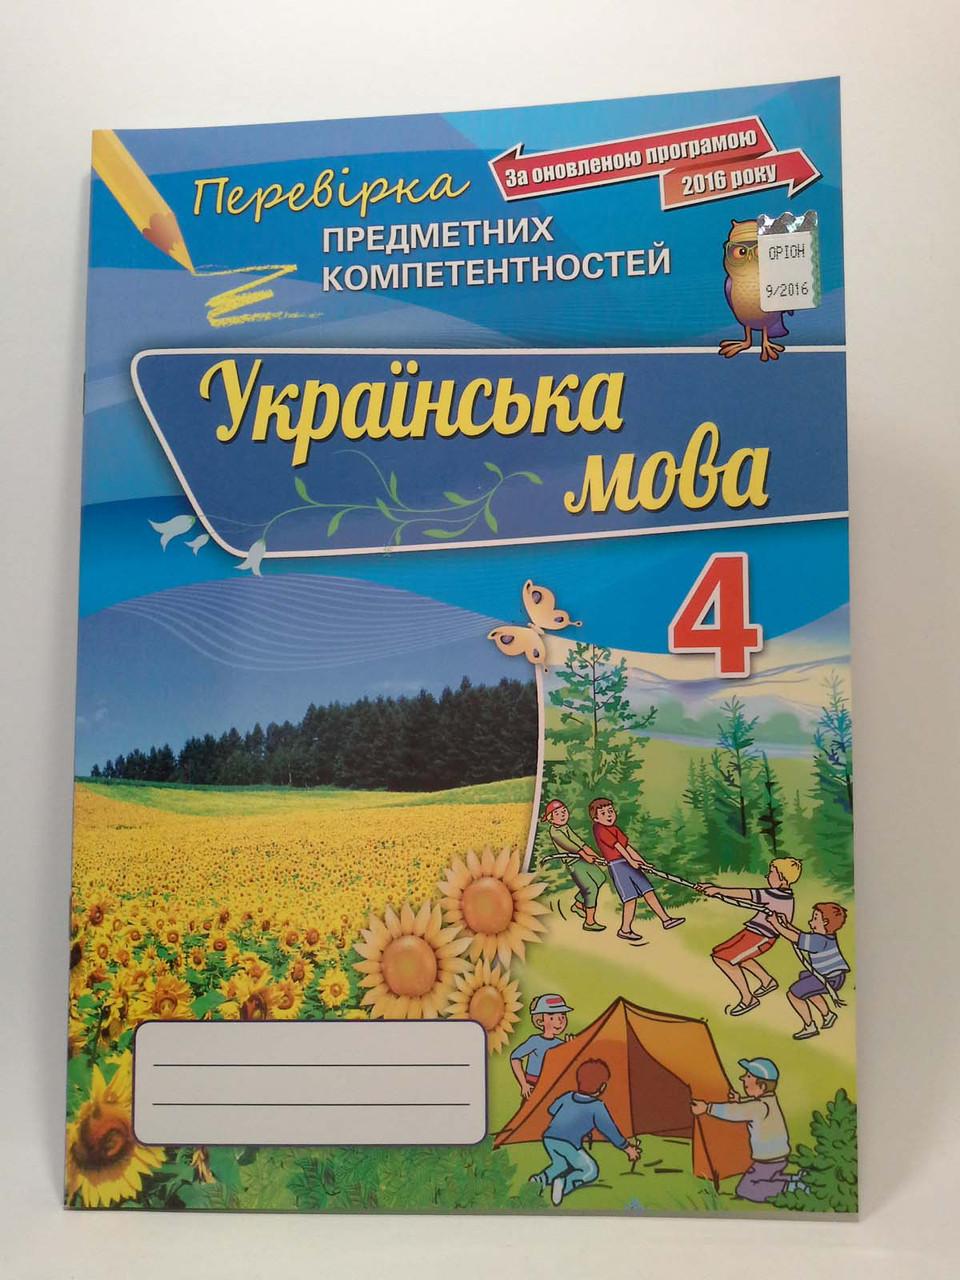 Оріон Українська мова 4 клас Перевірка предметних компетентностей Пономарьова